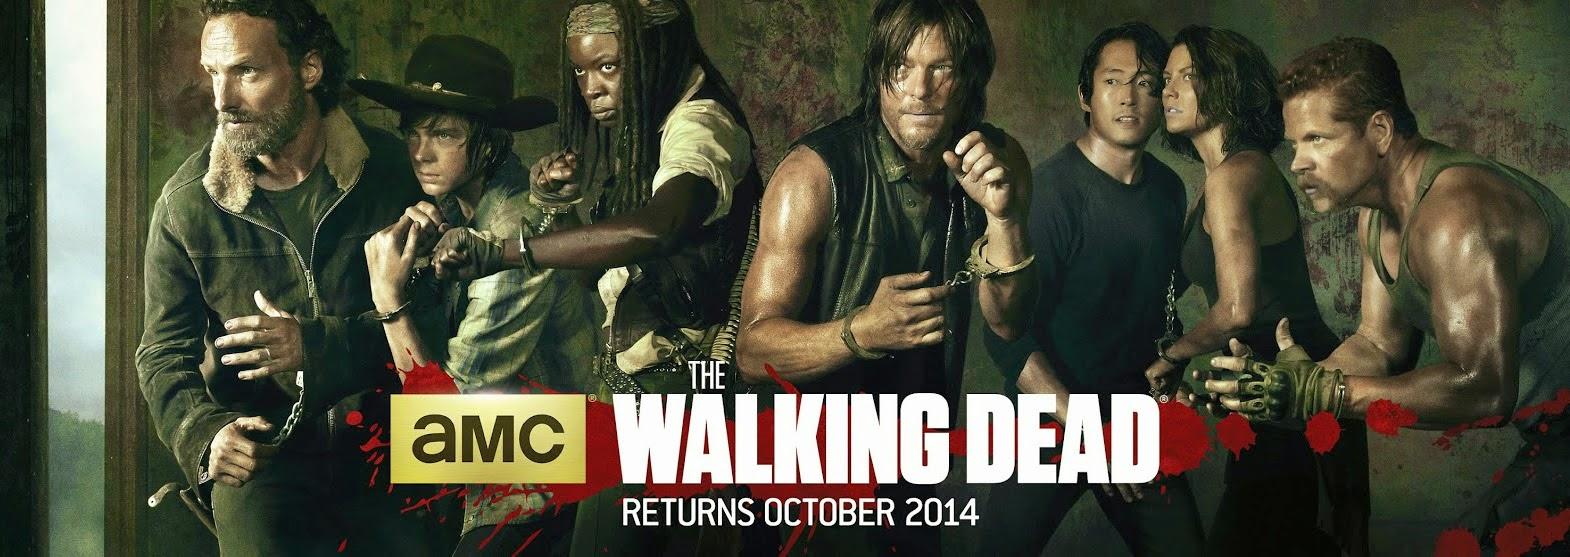 The Walking Dead Season Five: First Look - Zombie of the Week